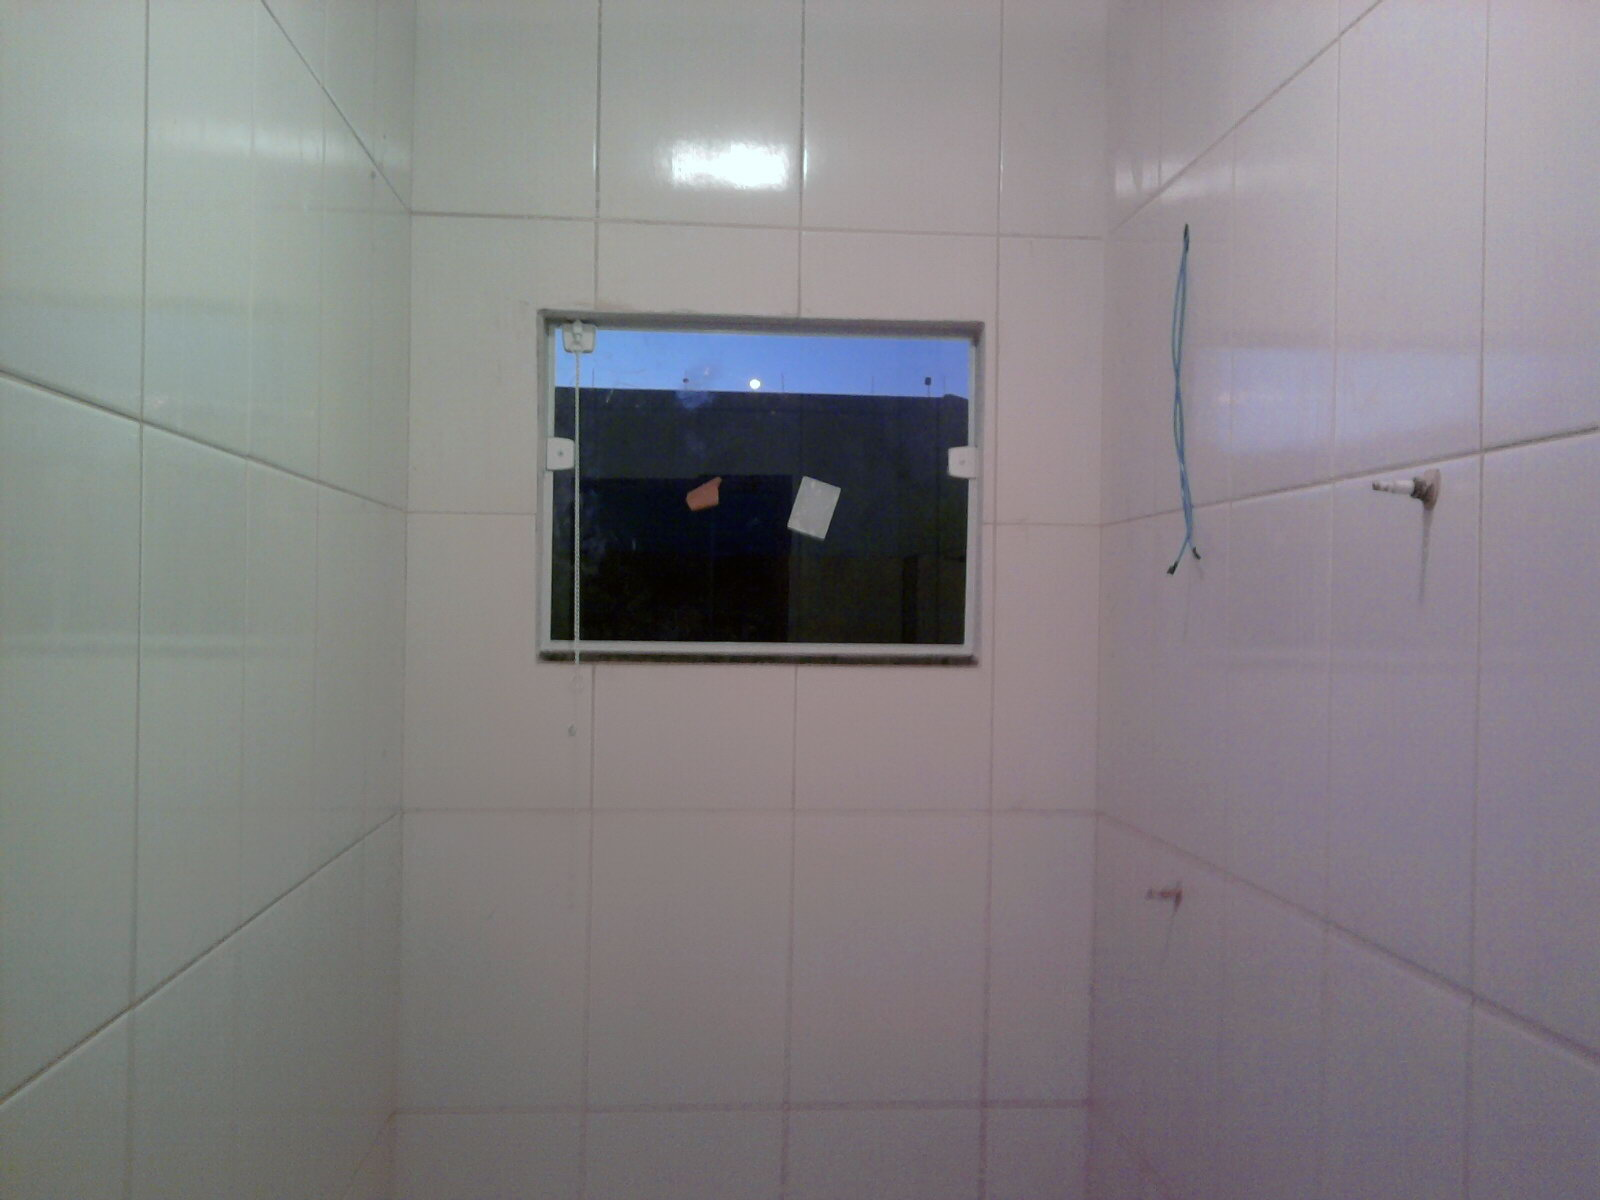 Imagens de #4B5680 Sobre a vida e o viver: Julho 2011 1600x1200 px 3558 Blindex Banheiro Belem